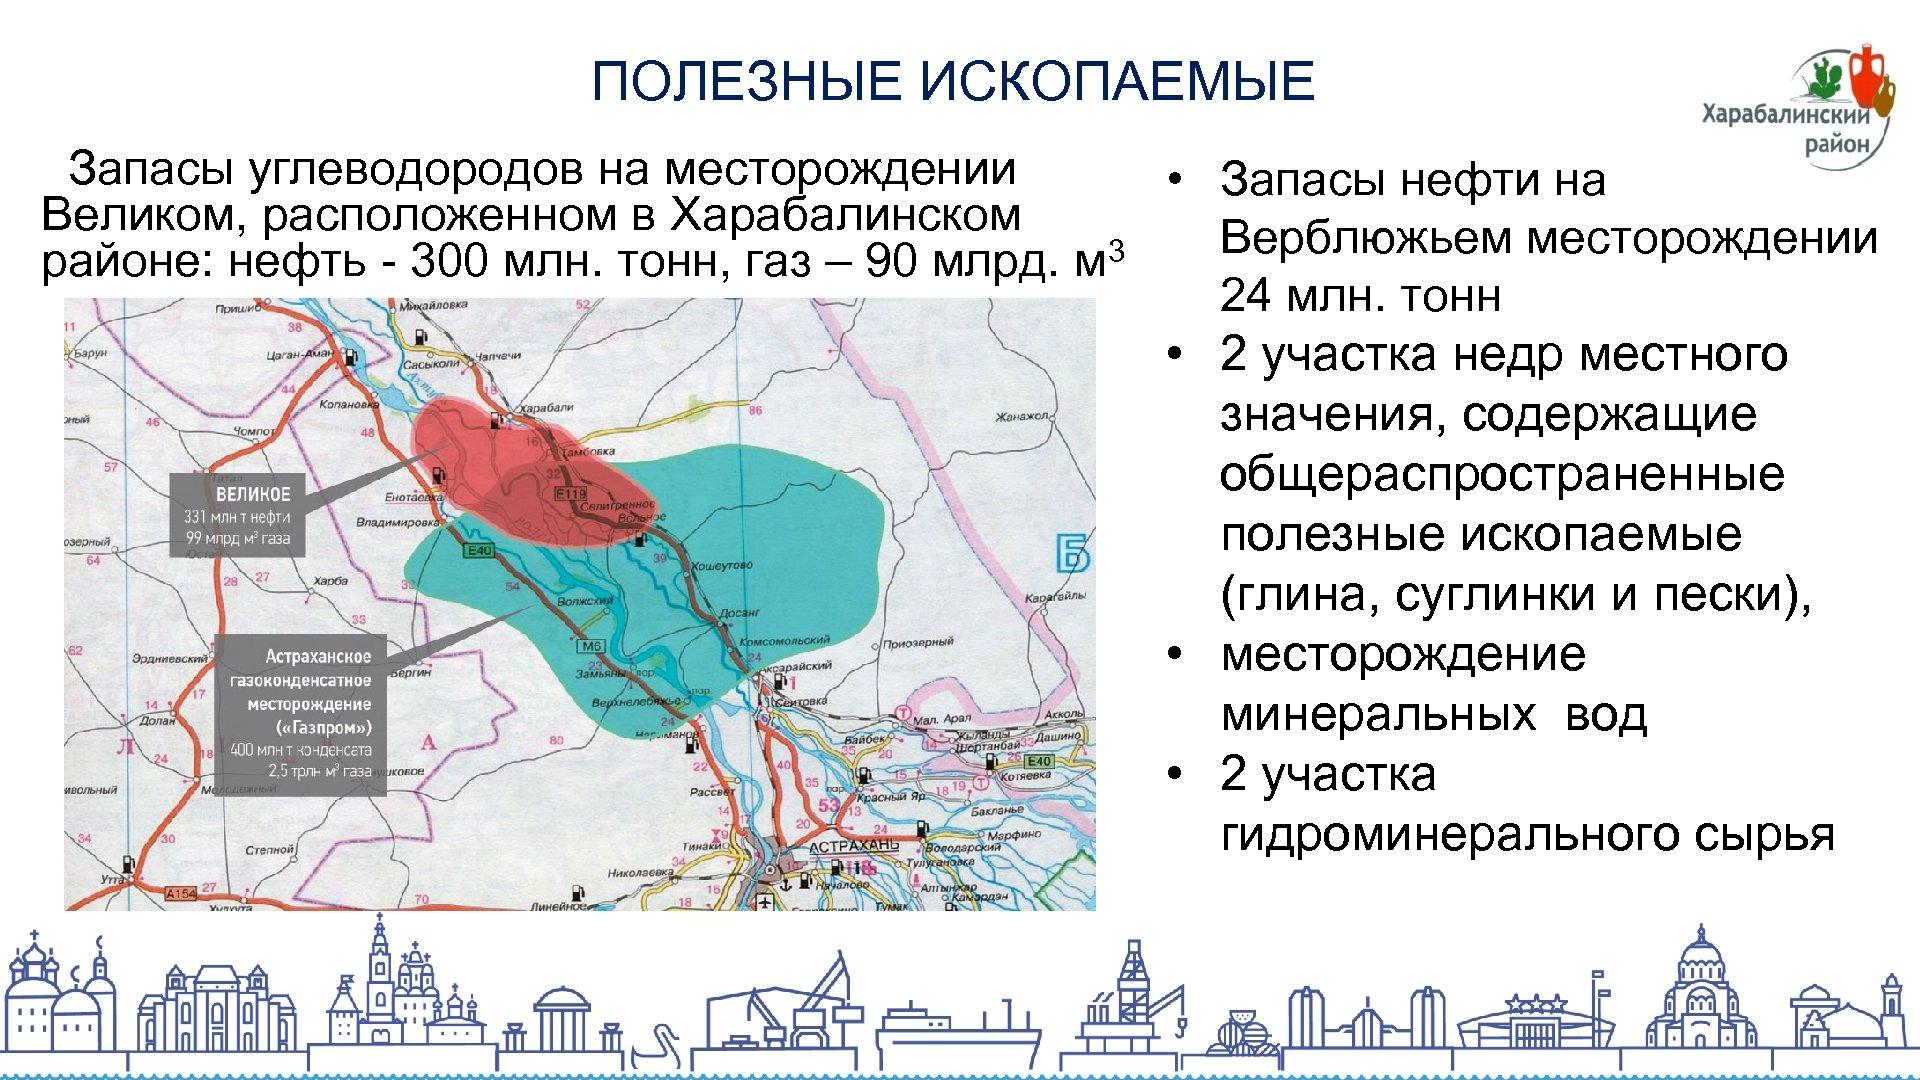 ПОЛЕЗНЫЕ ИСКОПАЕМЫЕ Запасы углеводородов на месторождении • Запасы нефти на Великом, расположенном в Харабалинском